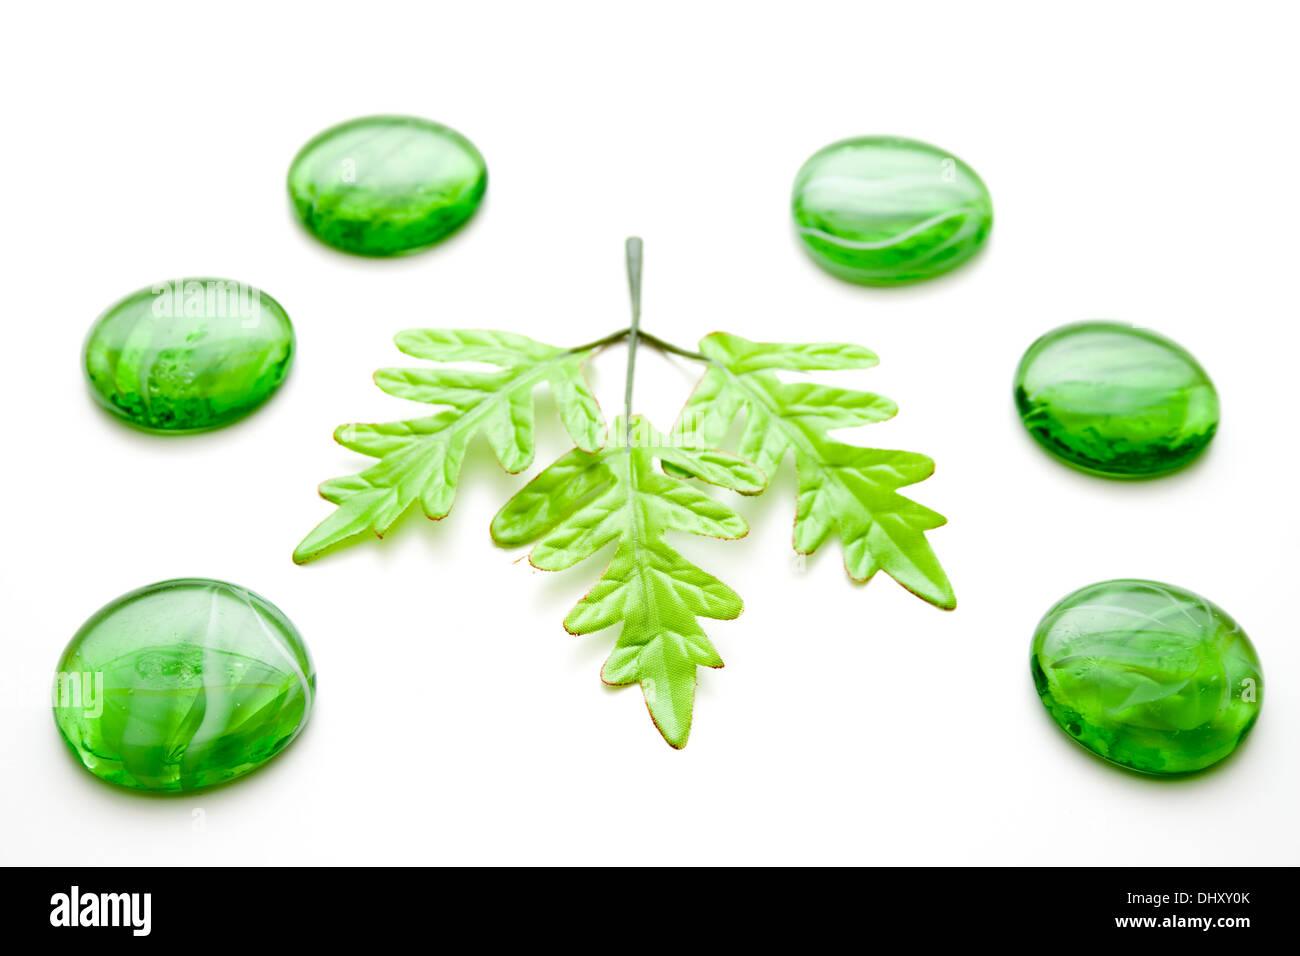 Verde pietre di vetro con foglio di vegetali Immagini Stock